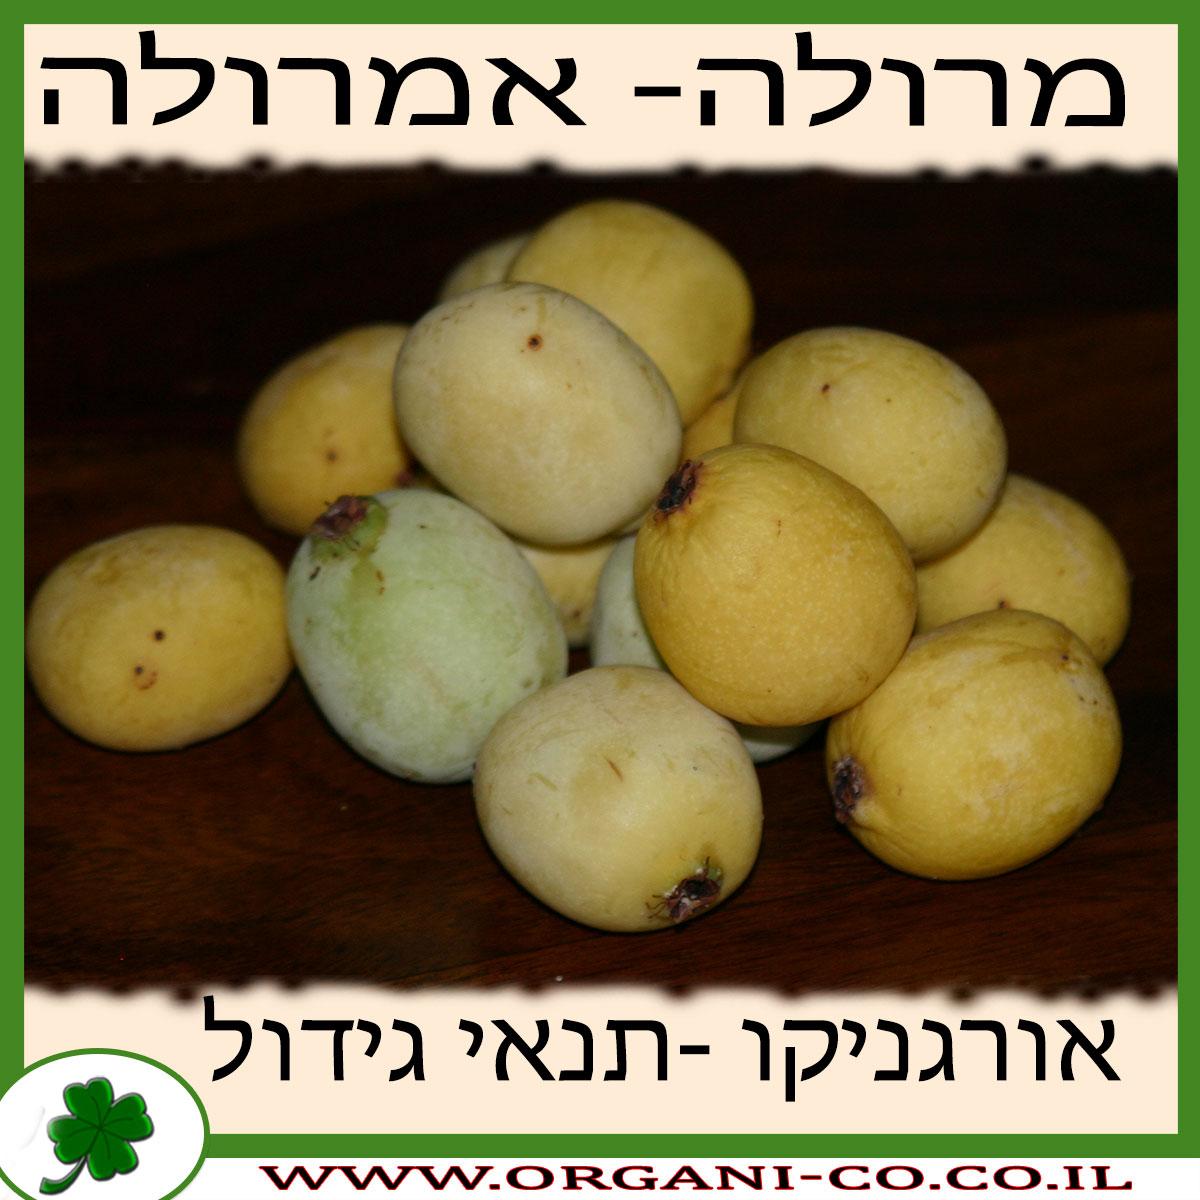 אמרולה (מרולה) גידול צמח